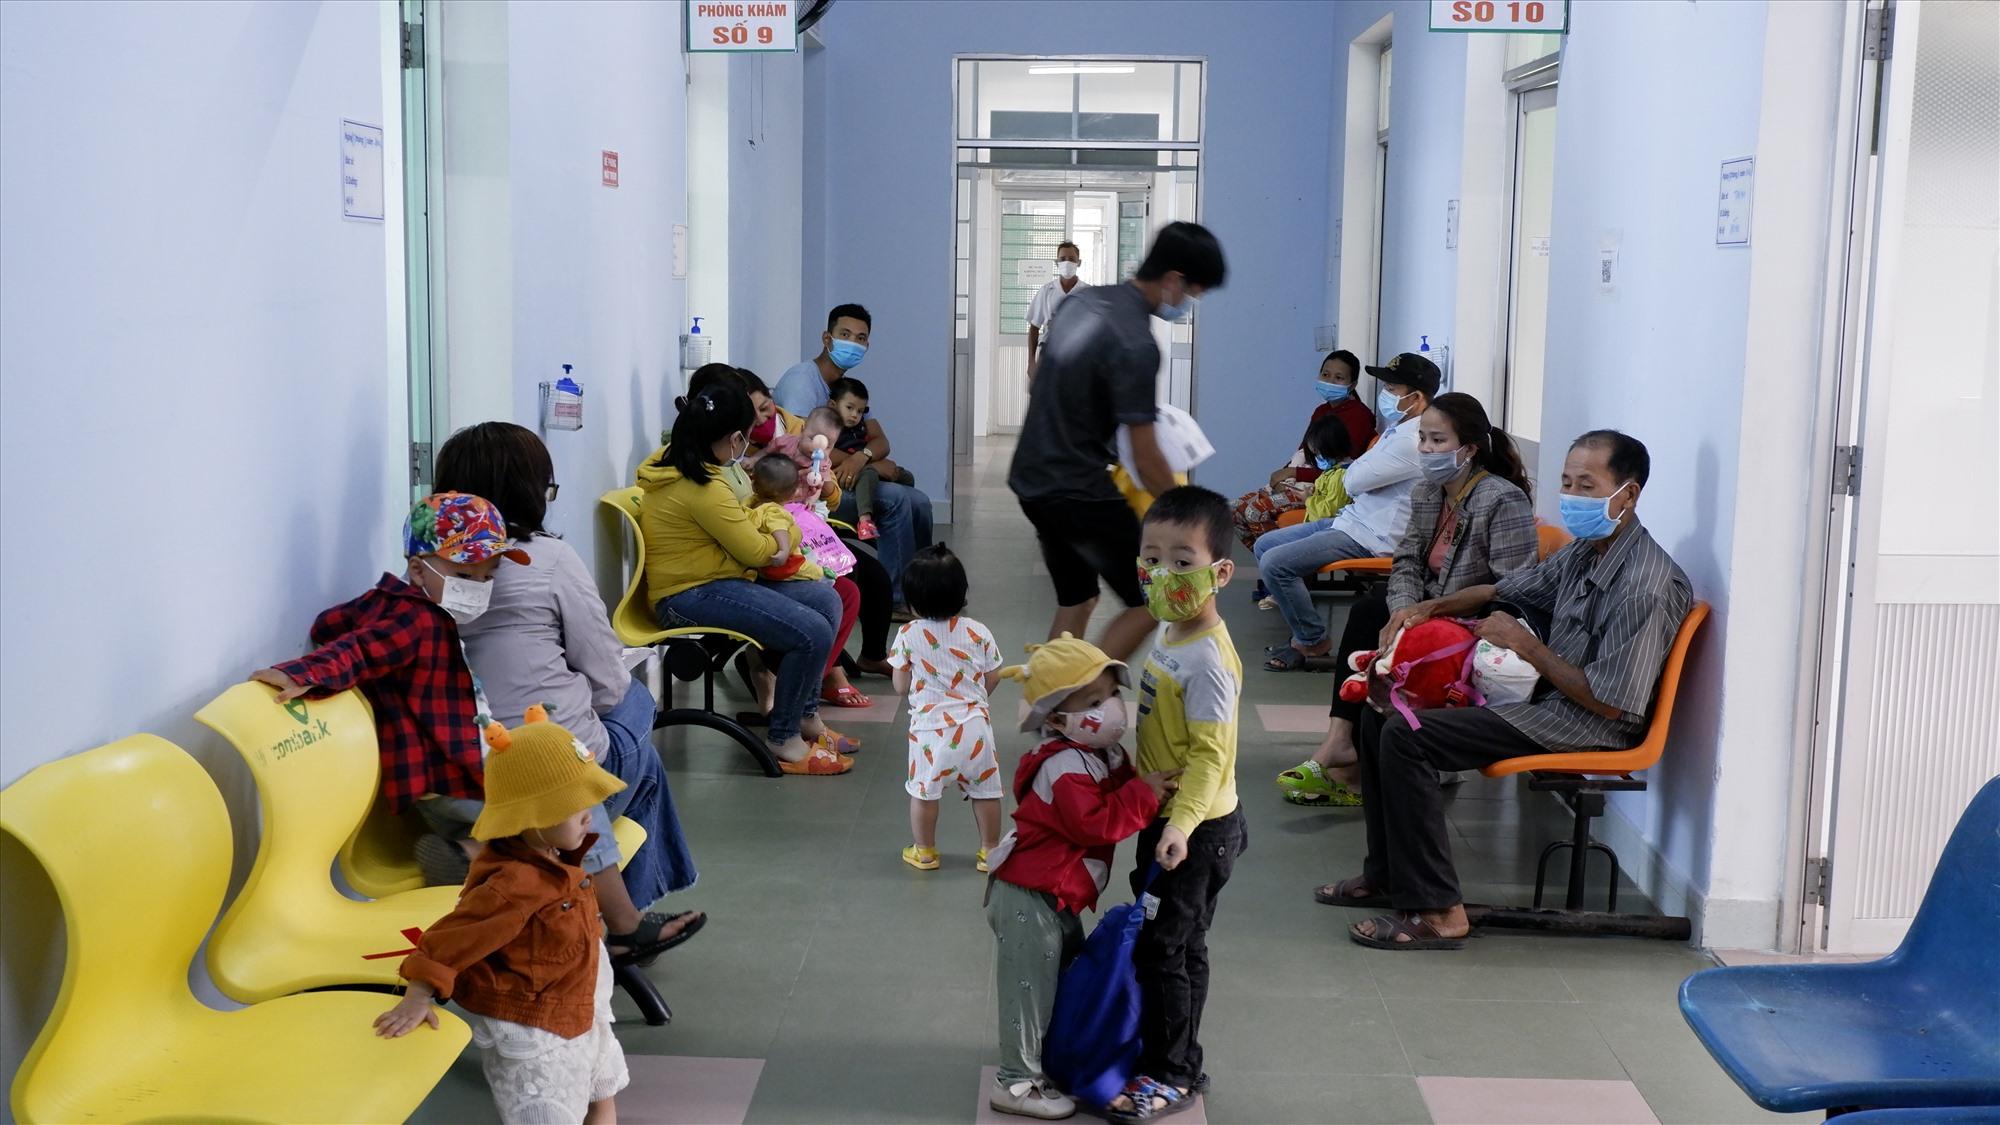 Số bệnh nhi nhập viện vì bệnh tay chân miệng tại Quảng Nam đang tăng lên. Ảnh: XUÂN HIỀN